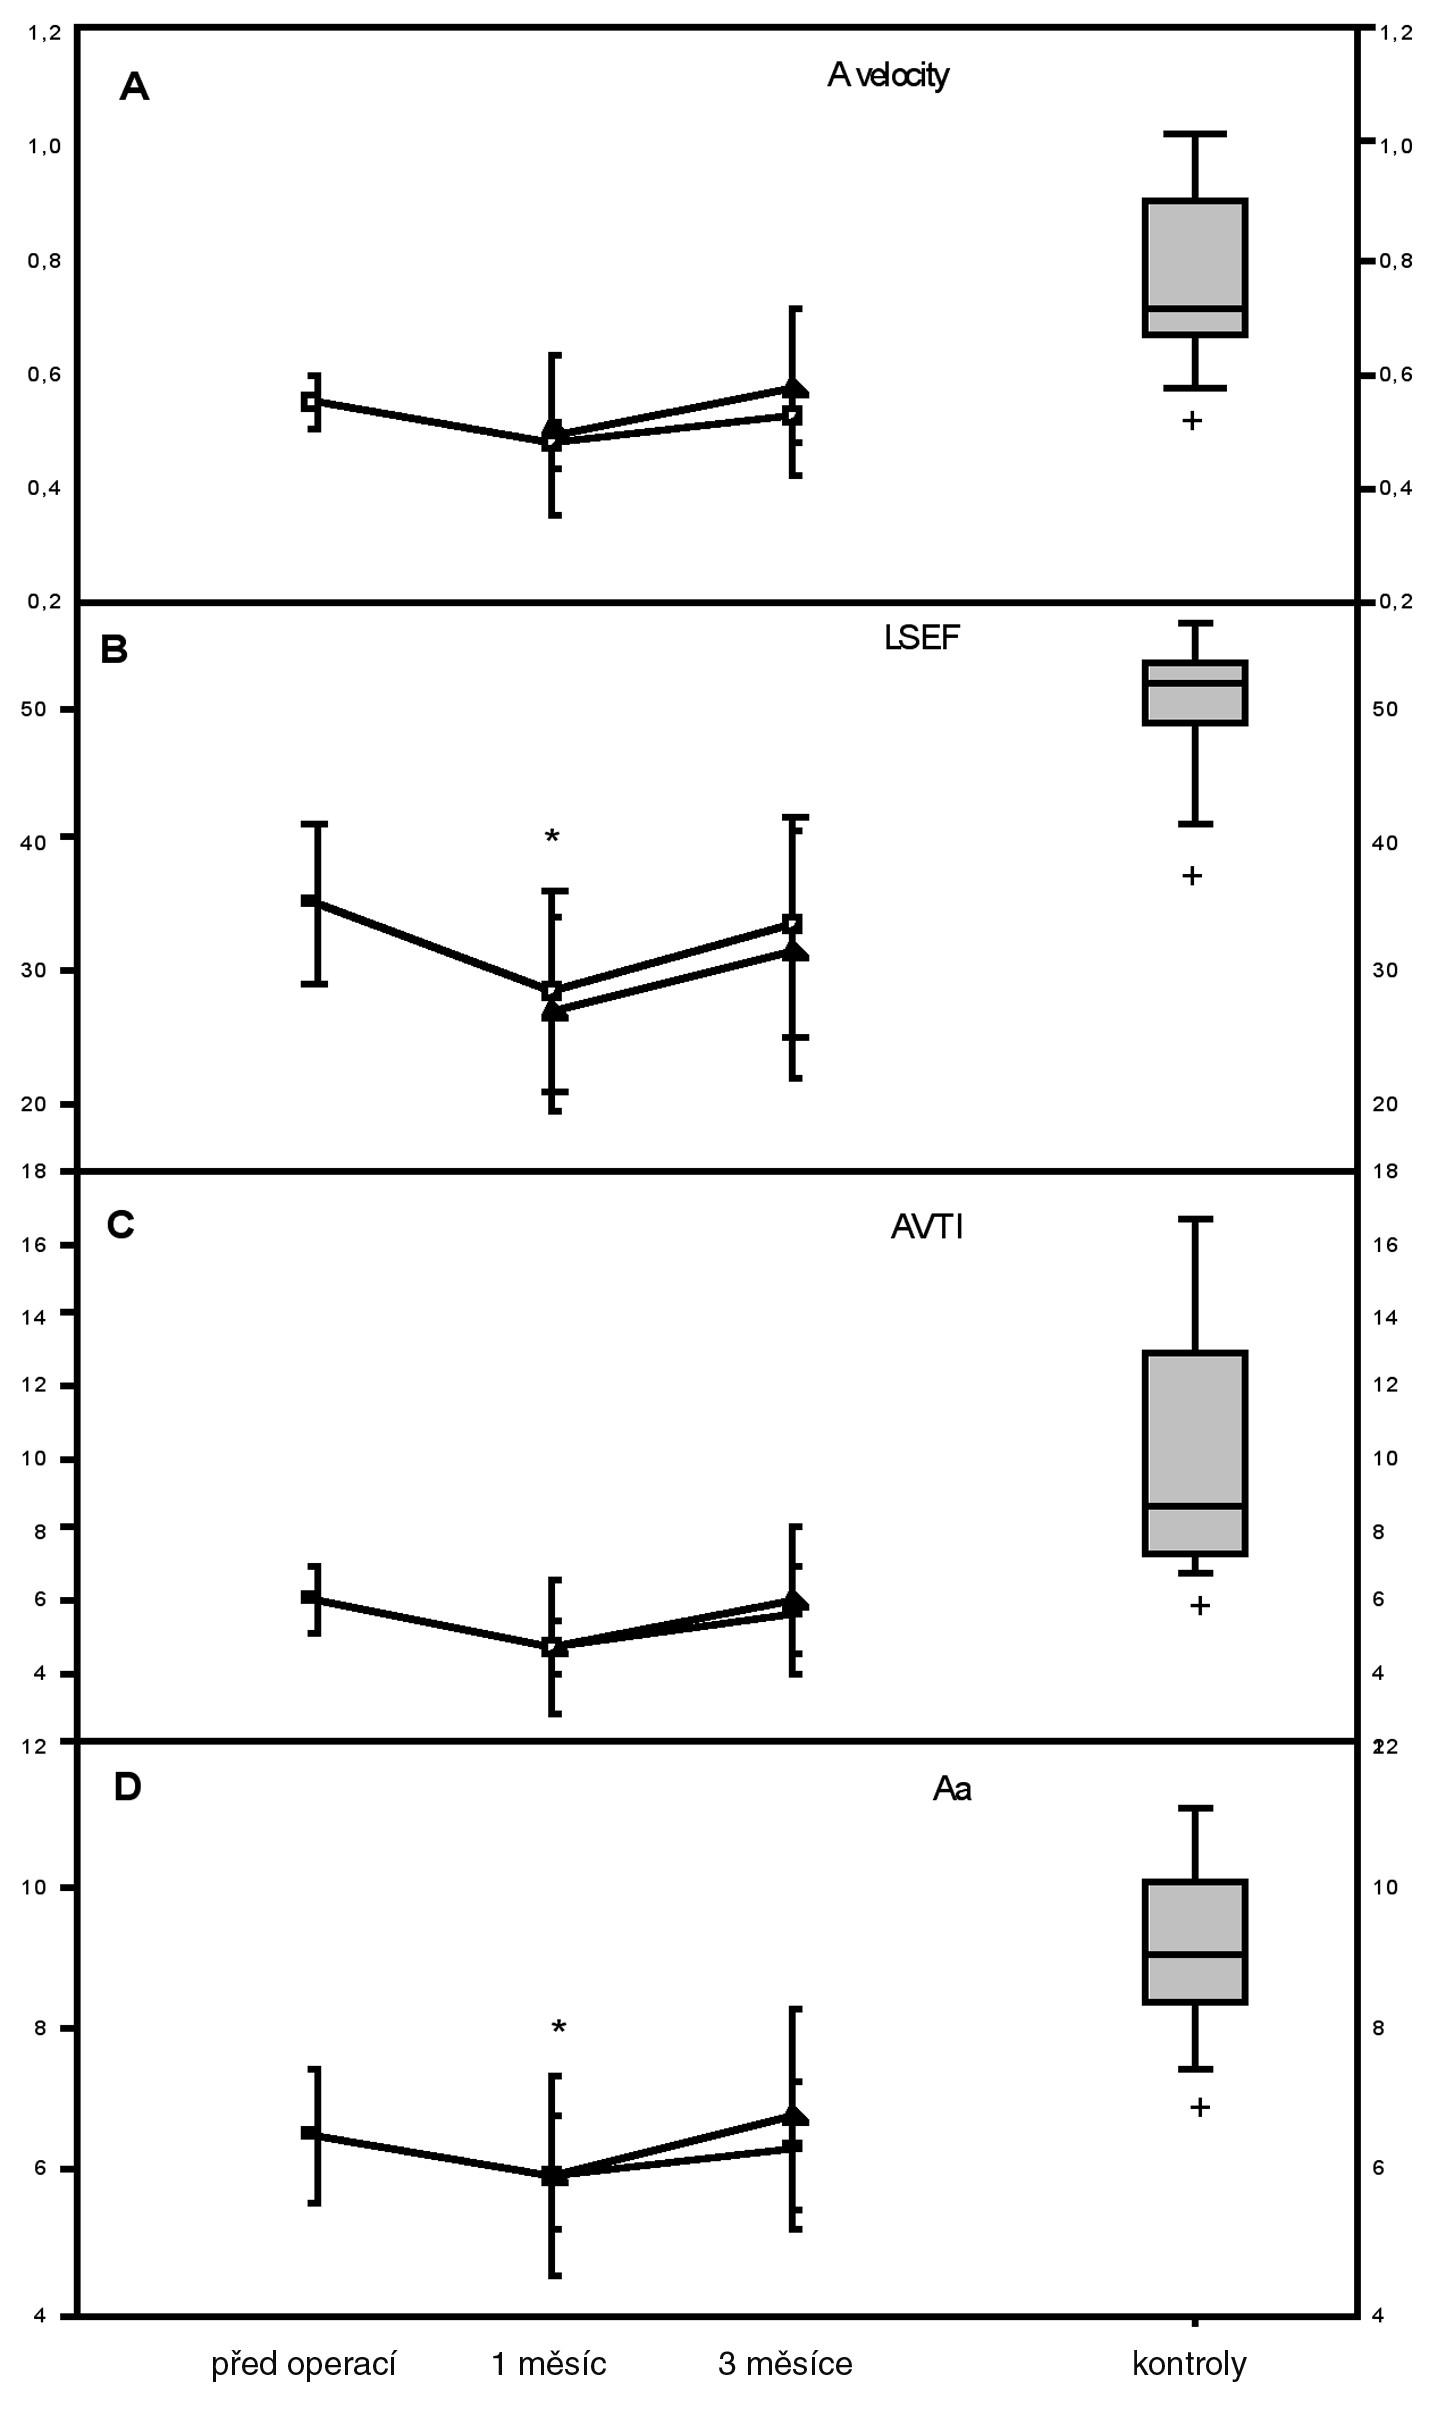 Parametry transportní funkce levé síně Hodnoty u souboru operovaných pacientů jsou znázorněny jako průměr±standardní odchylka.  Pro názornost jsou zobrazeny odděleně dvě skupiny pacientů: pacienti vstupně s FS černě vyplněným trojúhelníkem, pacienti vstupně se SR prázdným kolečkem.. * p<0,05 při srovnání předoperačních hodnot s hodnotami v daném čase měření, statistika počítána pro celý soubor. + p<0,05 při srovnání hodnot kontrolního souboru zdravých jedinců s hodnotami pacientů po úspěšné izolaci plicních žil za 3 měsíce od operace. Hodnoty u kontrolního souboru zdravých jedinců (kontrola) jsou znázorněny jako medián s 25-75. percentilem A vel.-A velocity–maximální rychlost vlny A, AVTI-časově rychlostní integrál vlny A, Aa-vrcholová rychlost pohybu mitrálního anulu v pozdní diastole v závislosti na kontrakci levé síně. LSEF-ejekční frakce levé síně. Kontrola-kontrolní soubor zdravých jedinců.